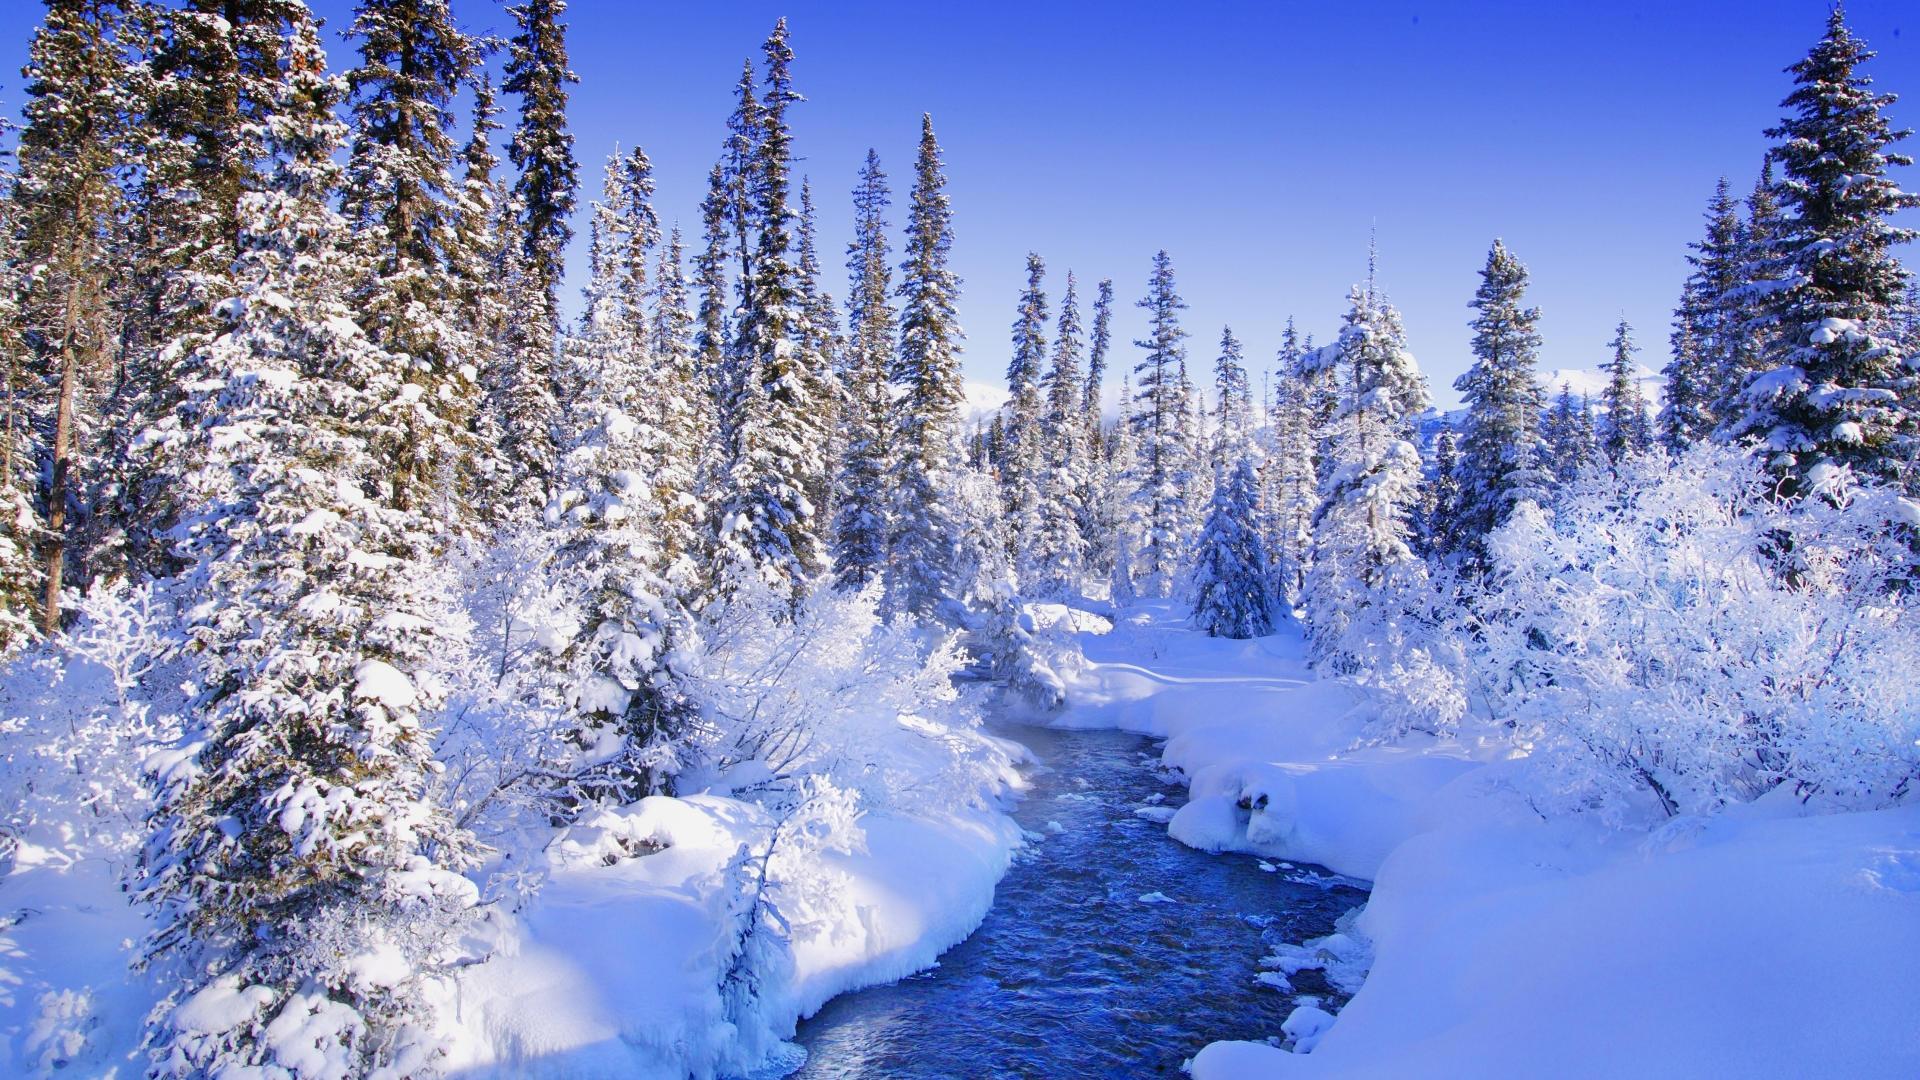 разговаривают вами обои хорошего качества на зиму рук покрываются